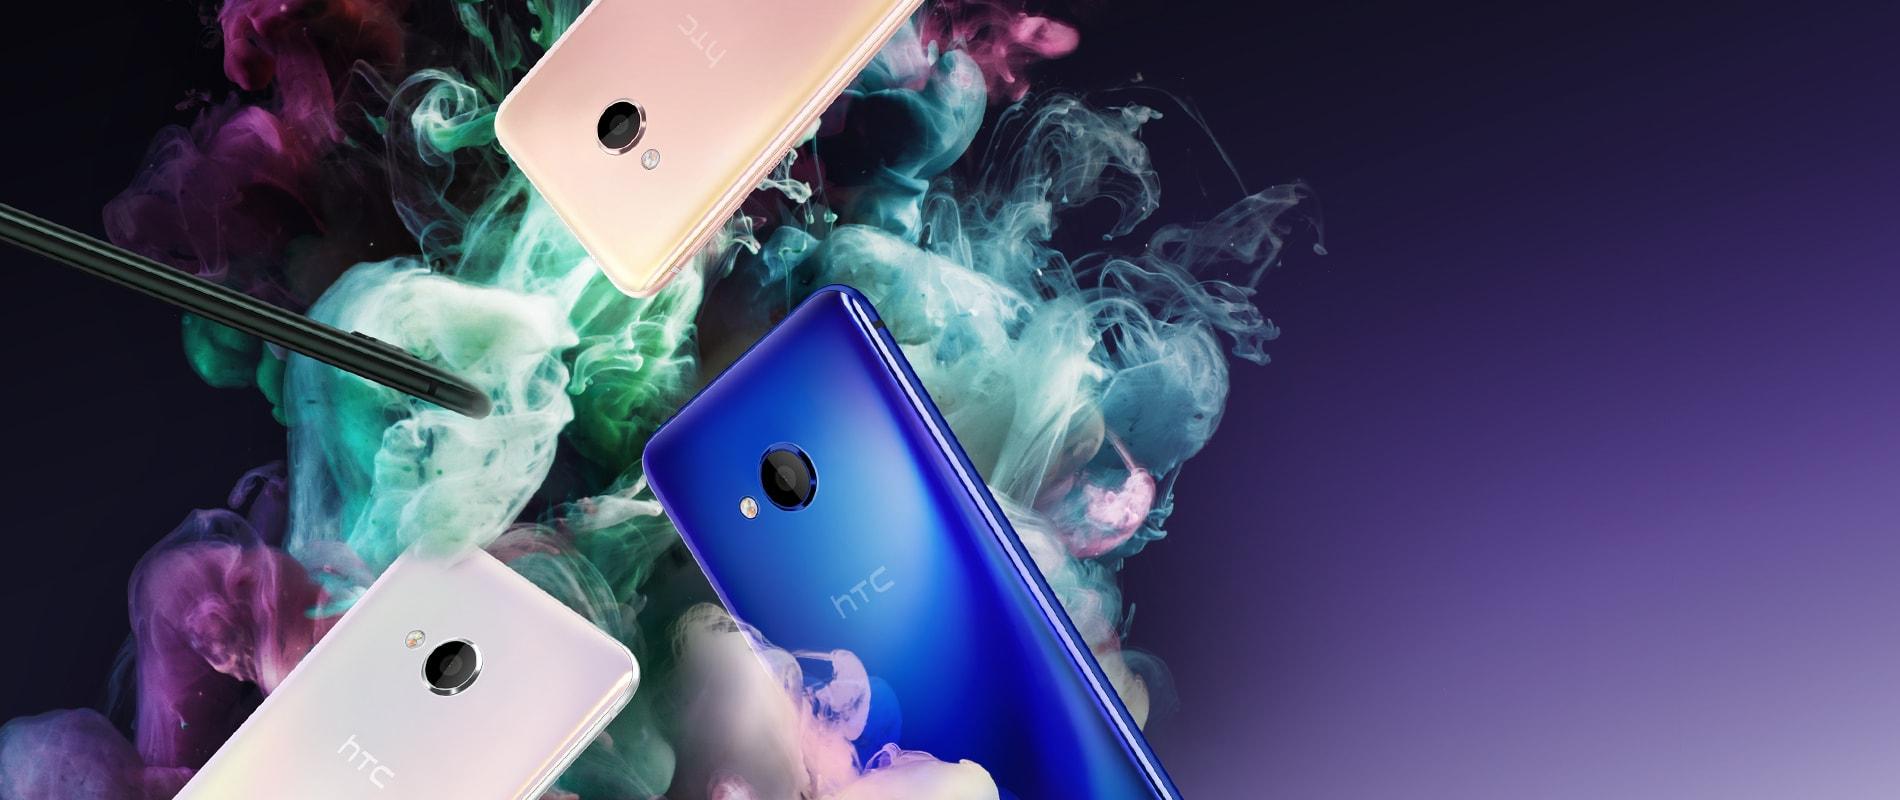 HTC U Play Design